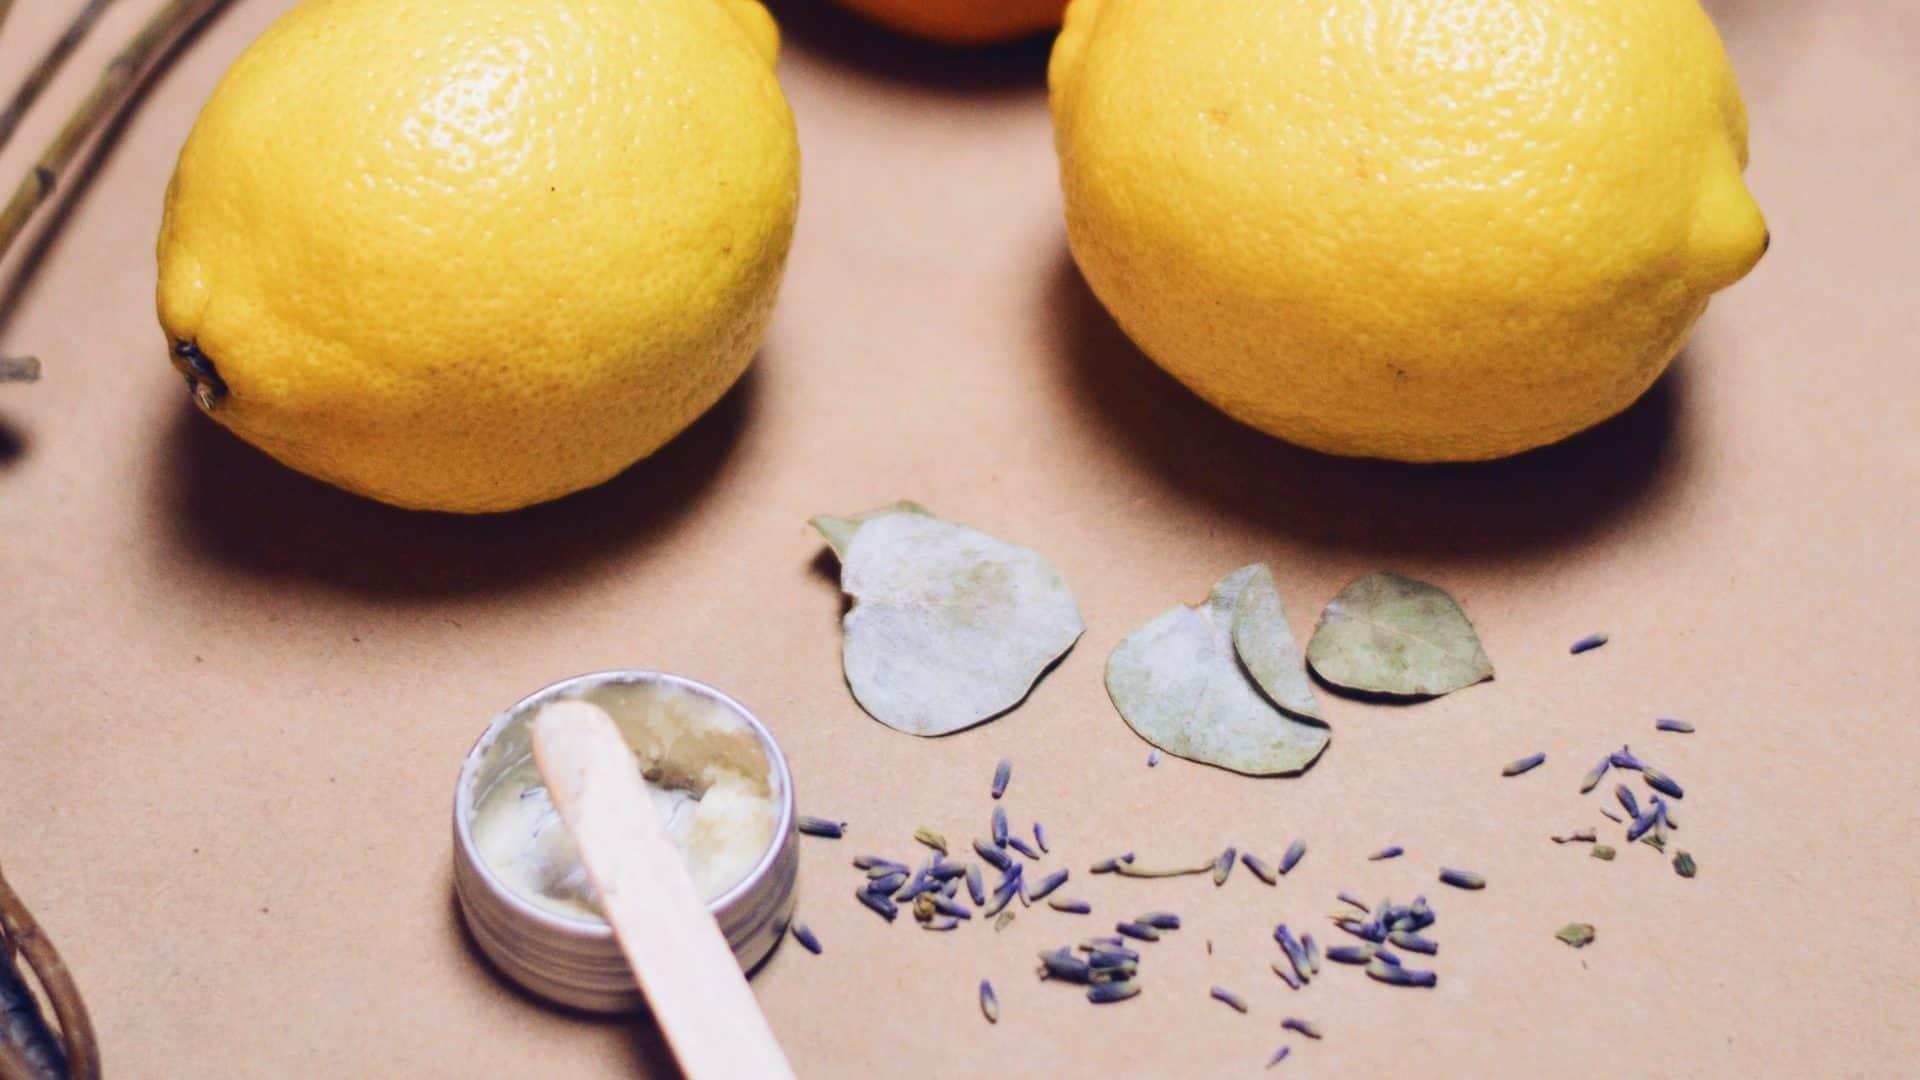 Twee citroenen met daaronder een klein potje crème en spatel. Op lichtbruine achtergrond, bovenaanzicht.